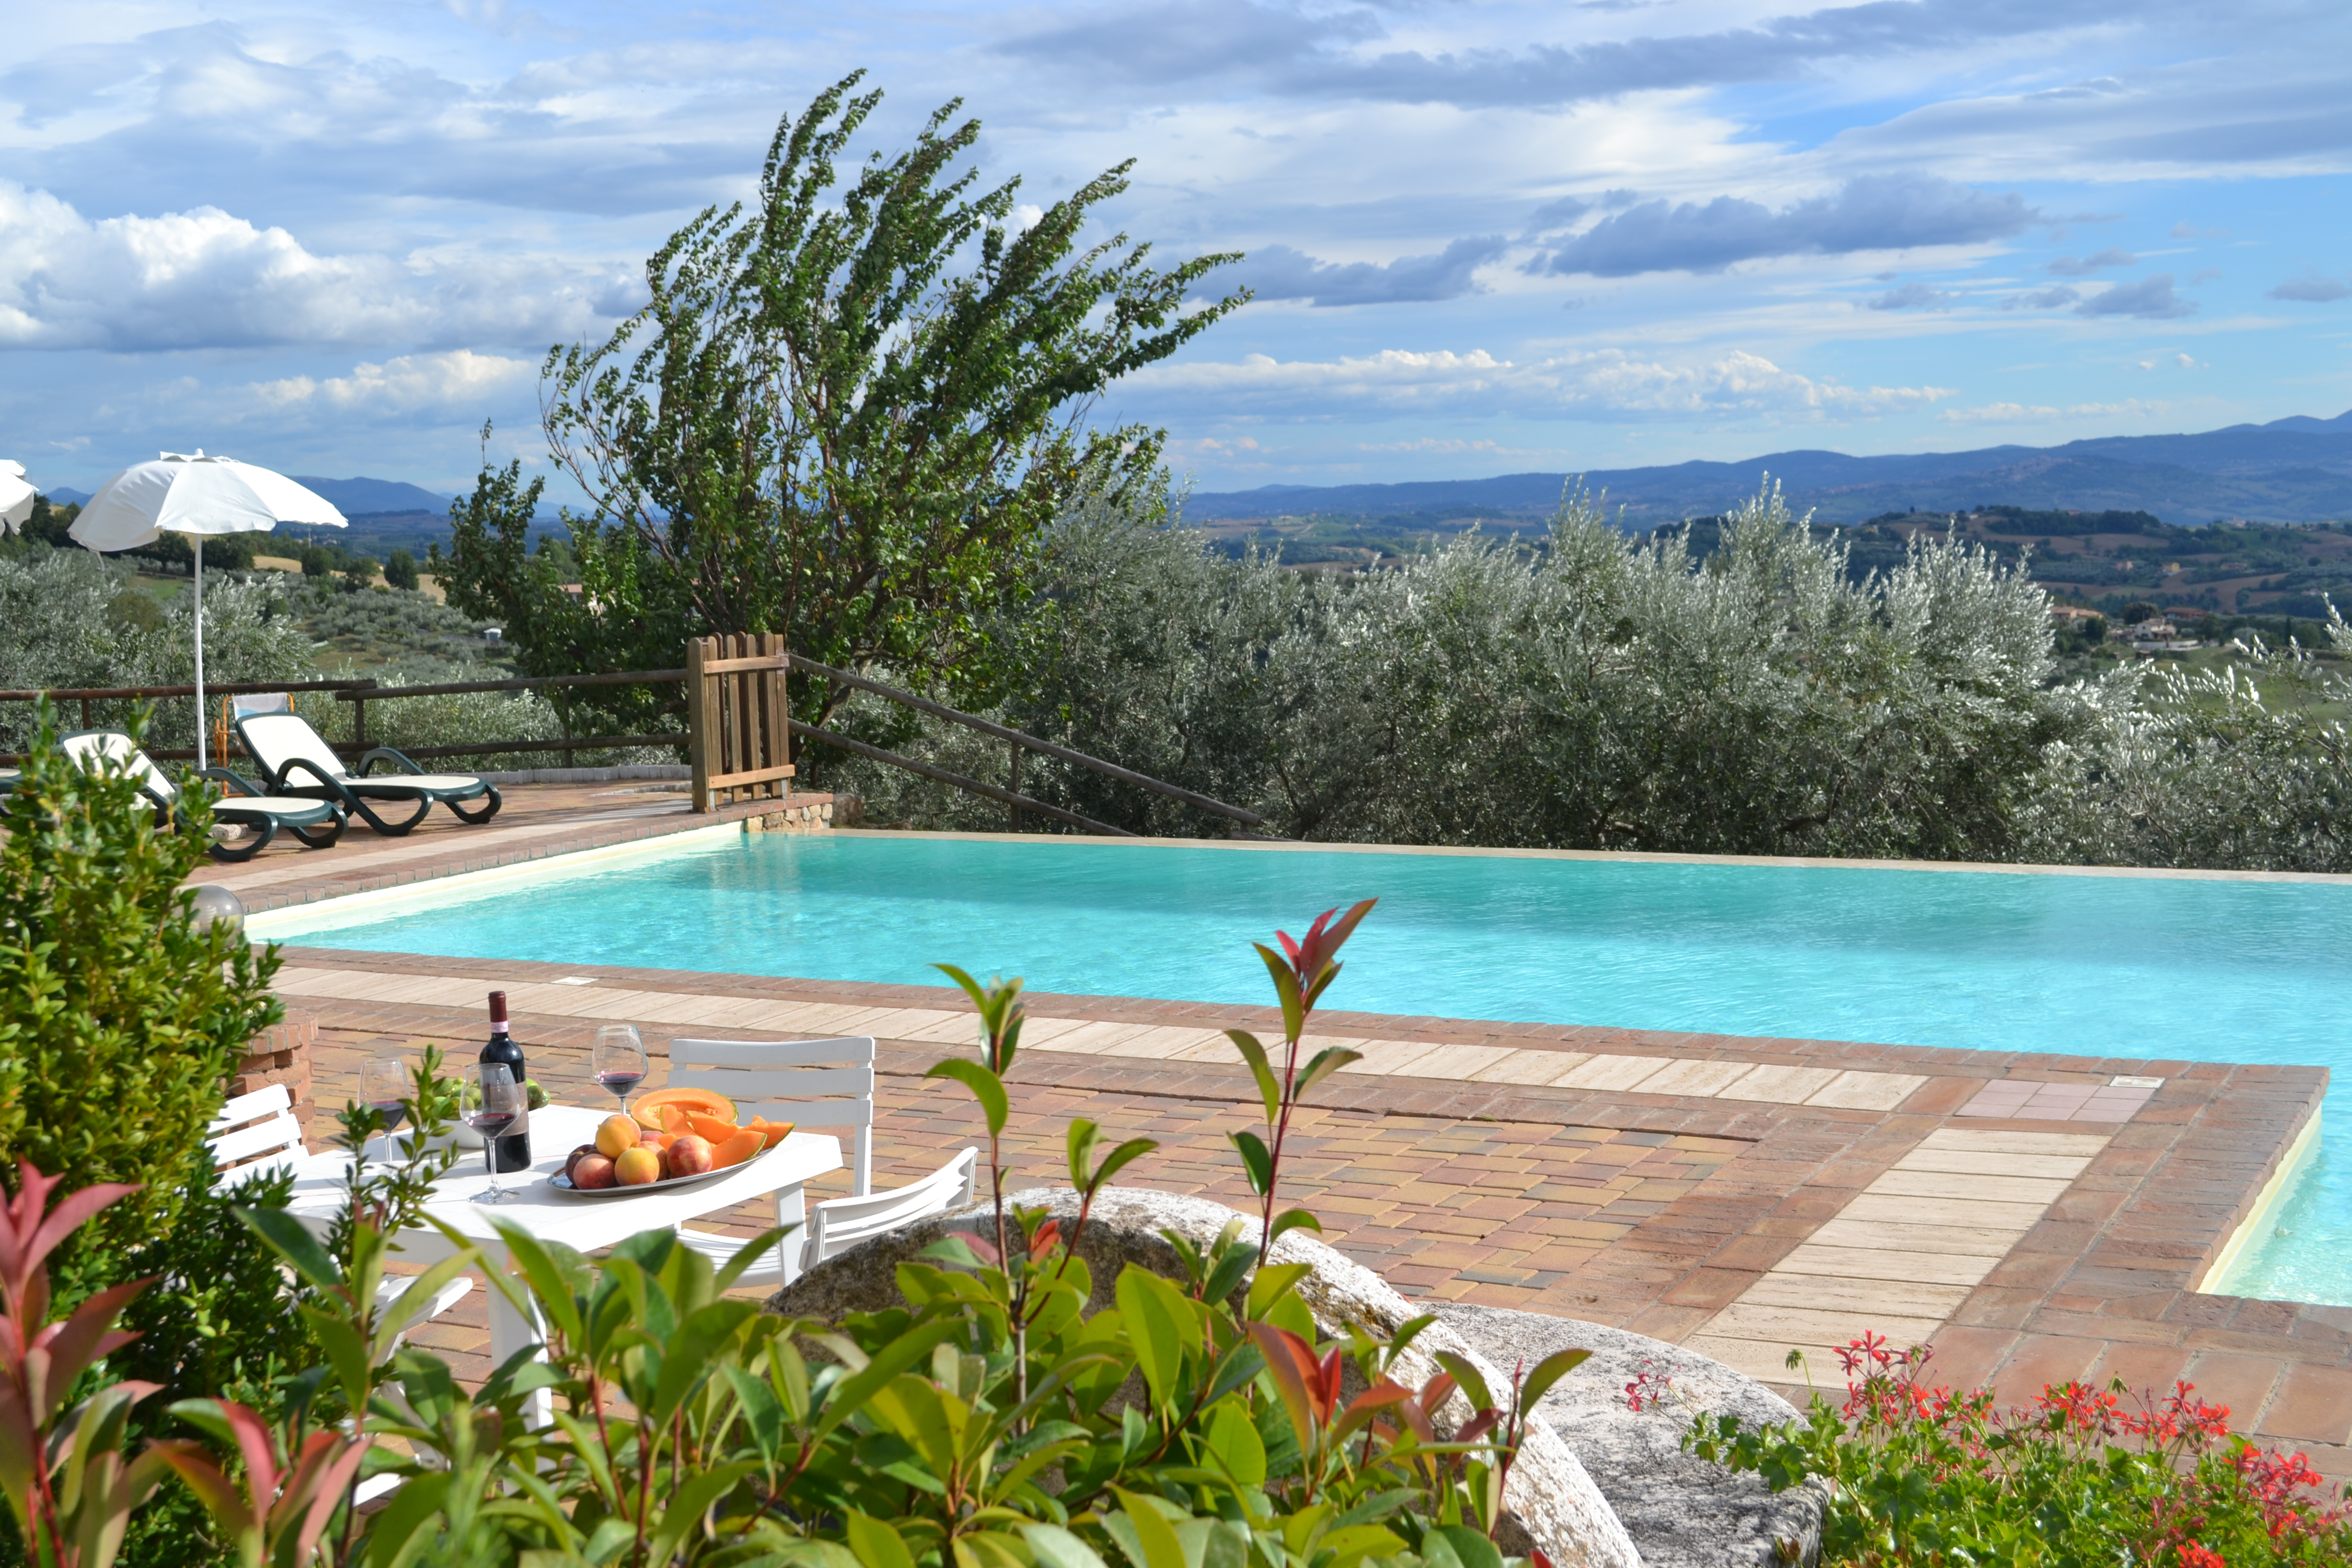 AGOSTO in Agriturismo con appartamenti con Piscina a sfioro a Perugia